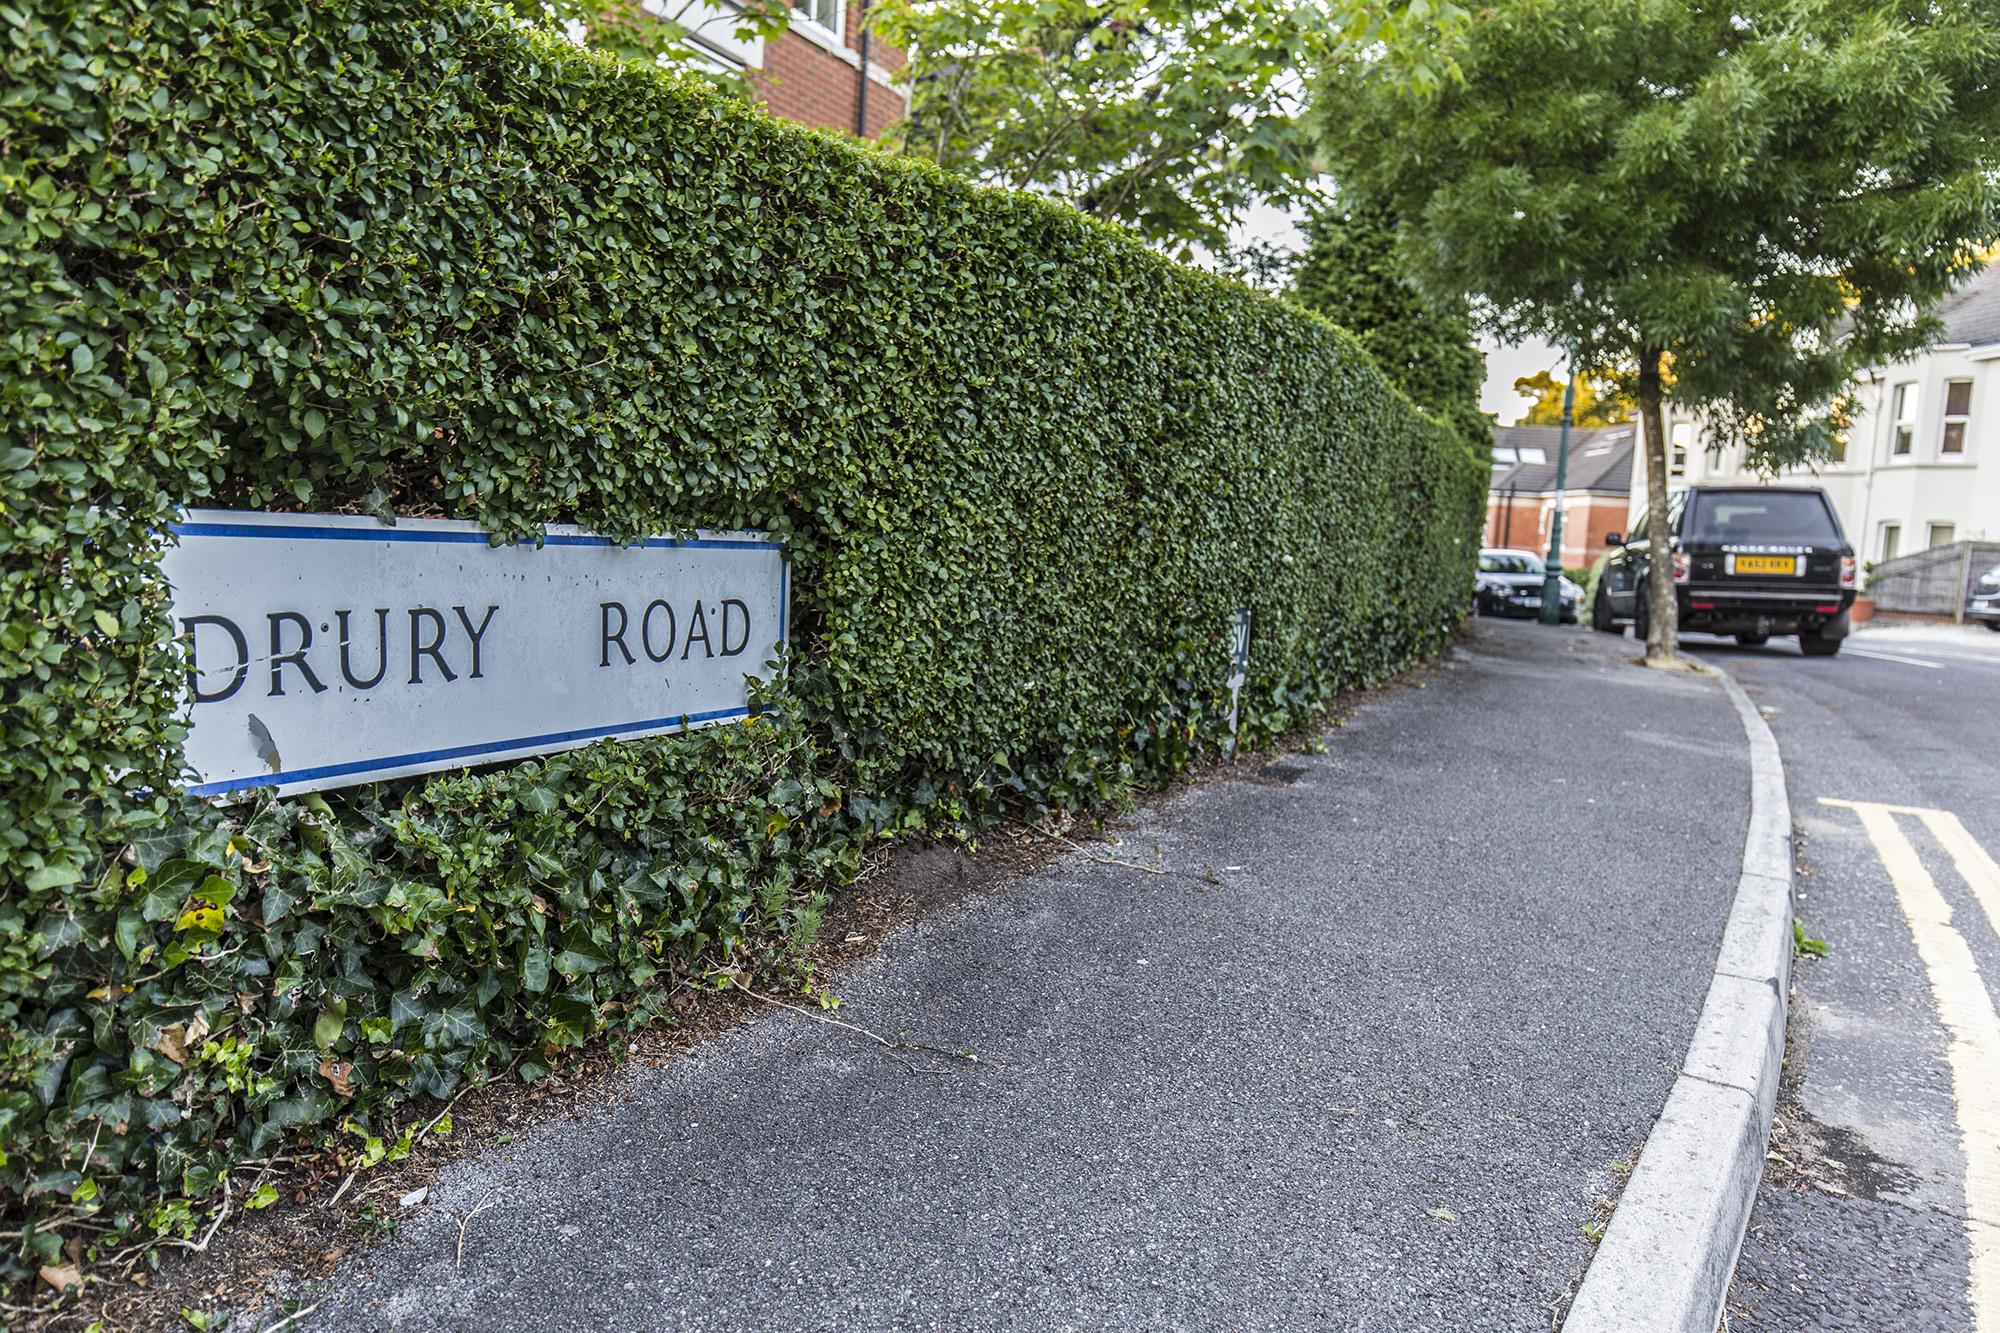 Drury Road, Westbourne.